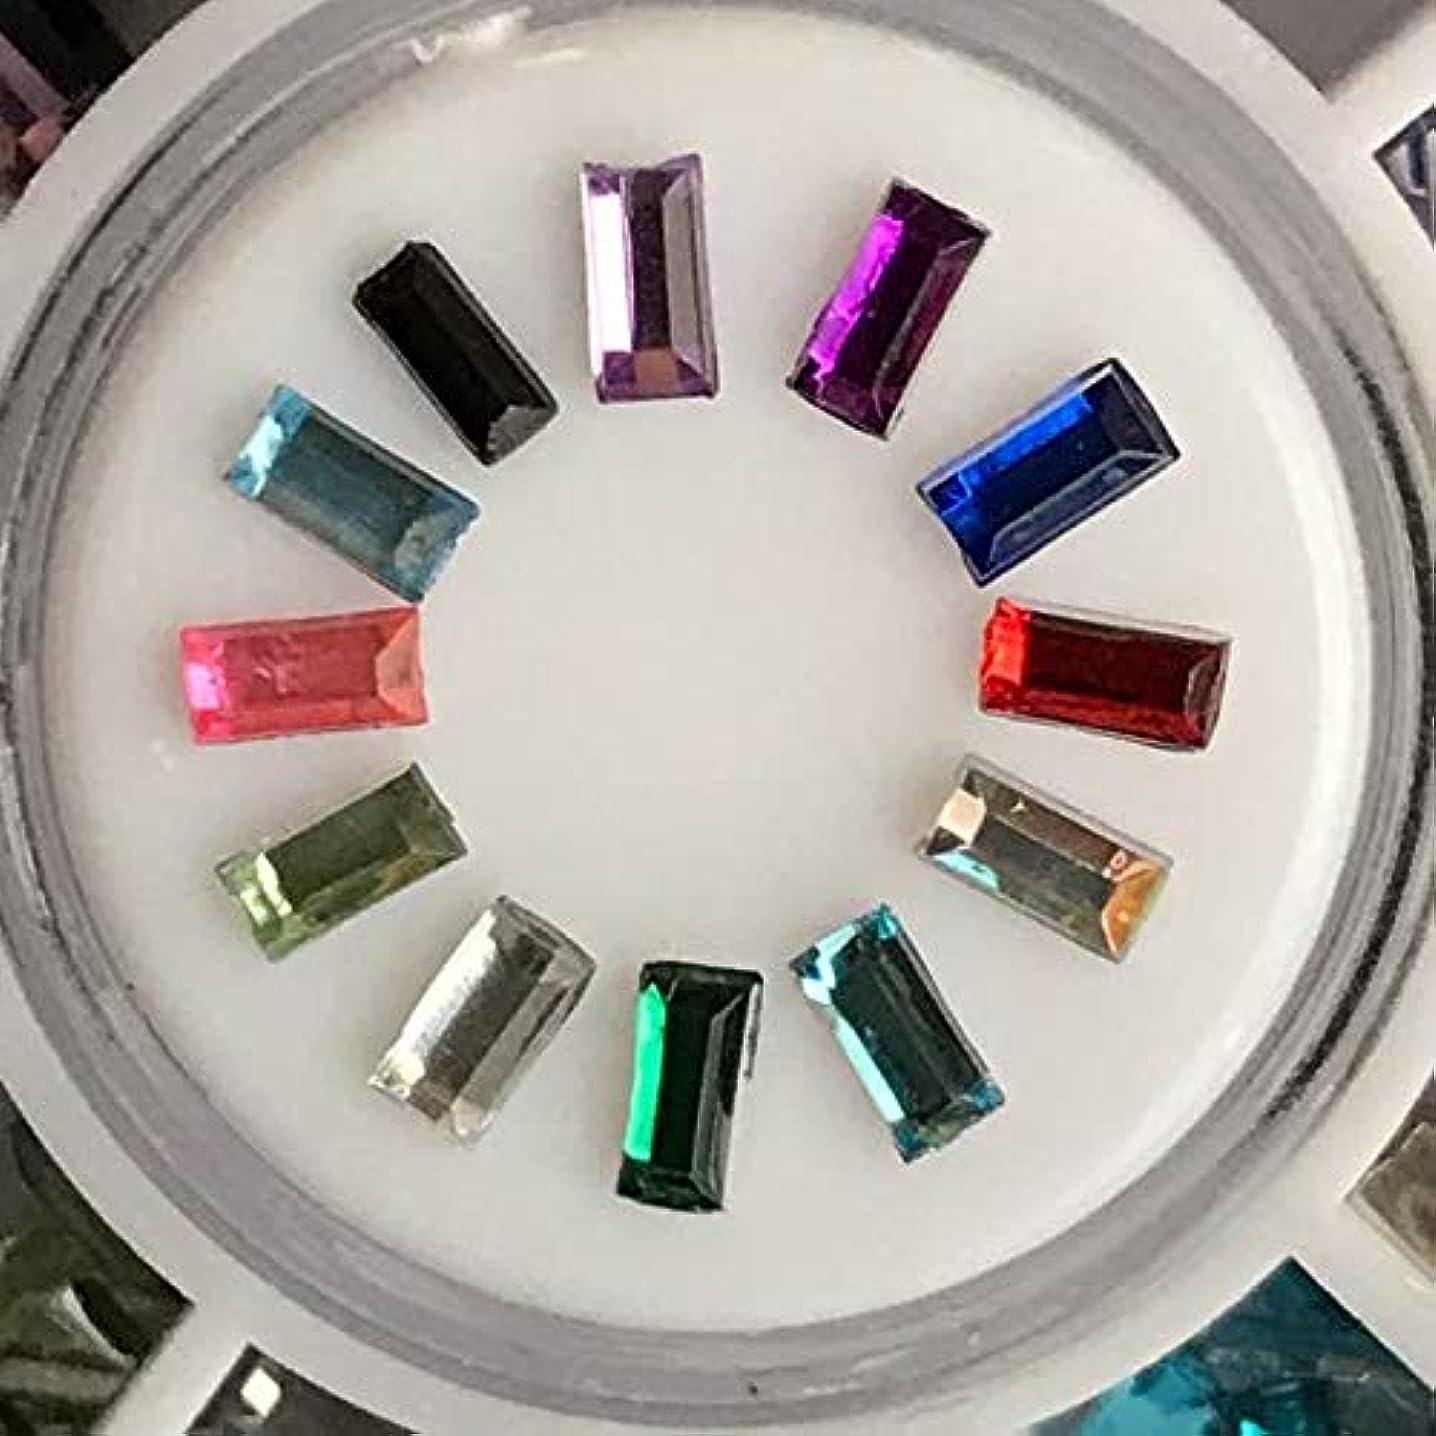 ハッチドロップトンネルアクリルラインストーン12色セットネイル用DIYアクセサリーハンドメイド素材パーツ (細い長方形スティック)